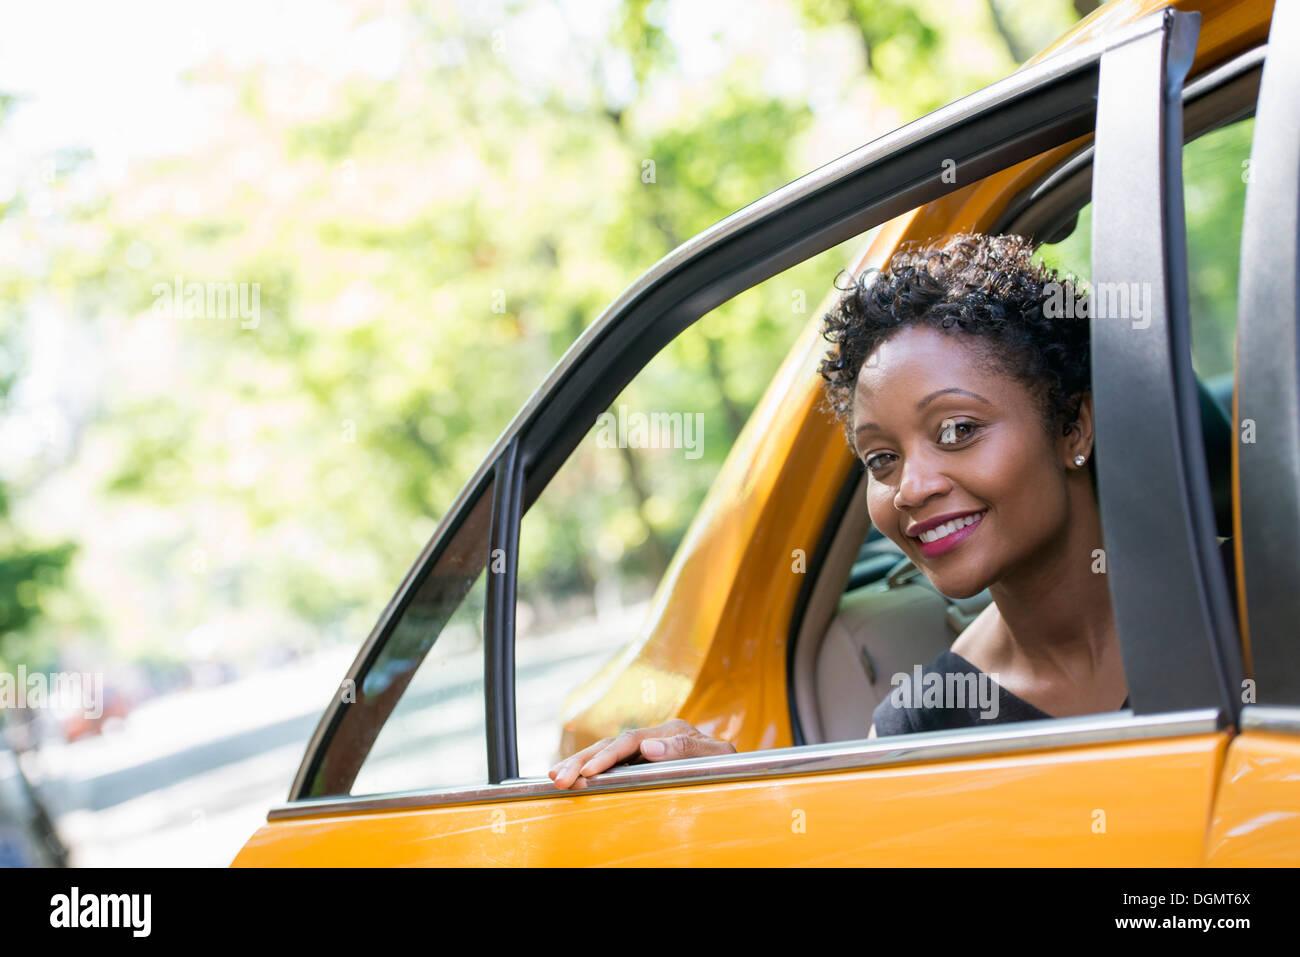 Una donna di uscire dalla parte posteriore del sedile passeggero di un taxi giallo. Immagini Stock